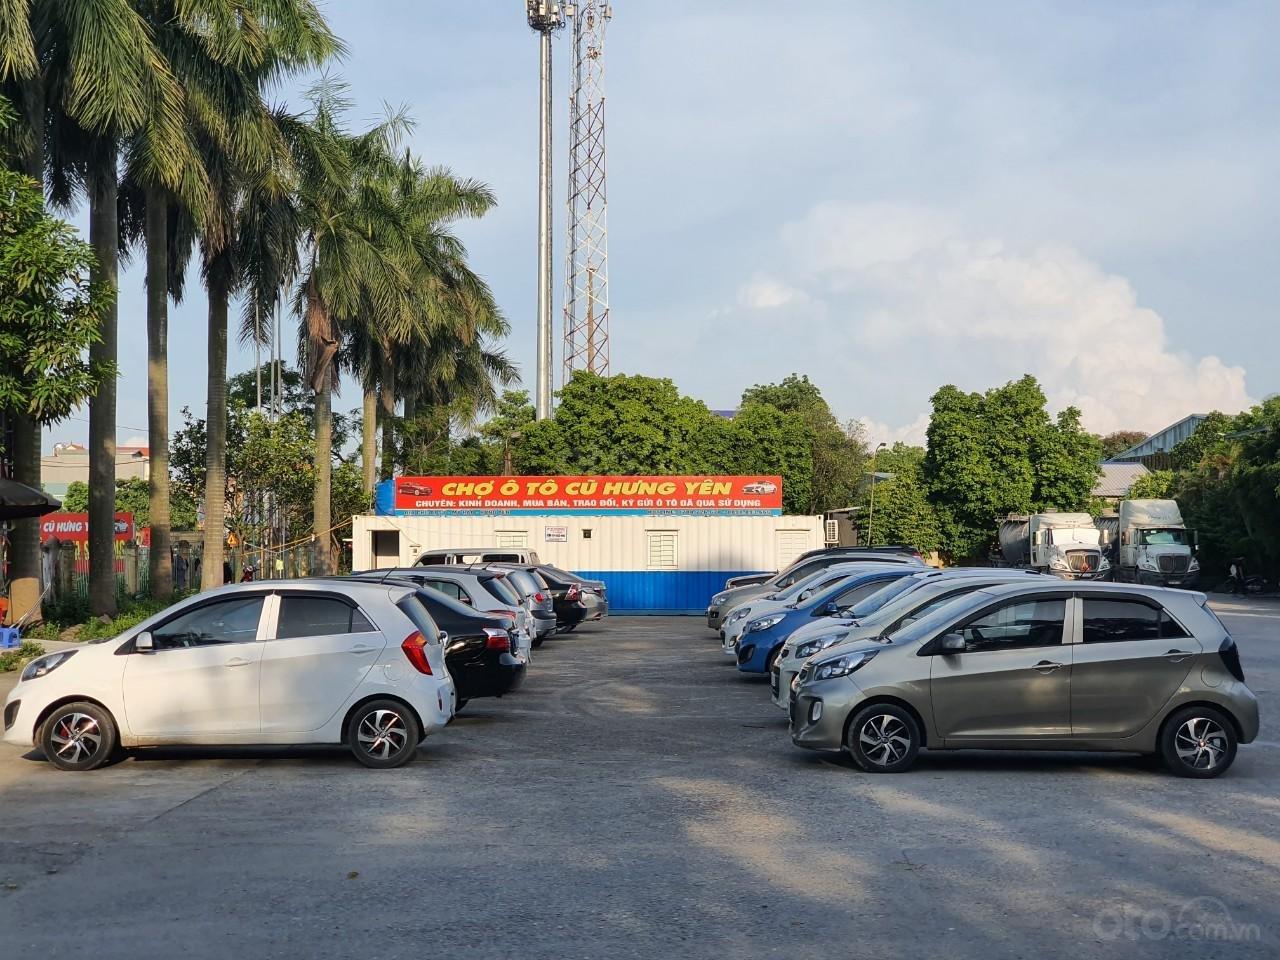 Chợ Ô tô cũ Hưng Yên (4)